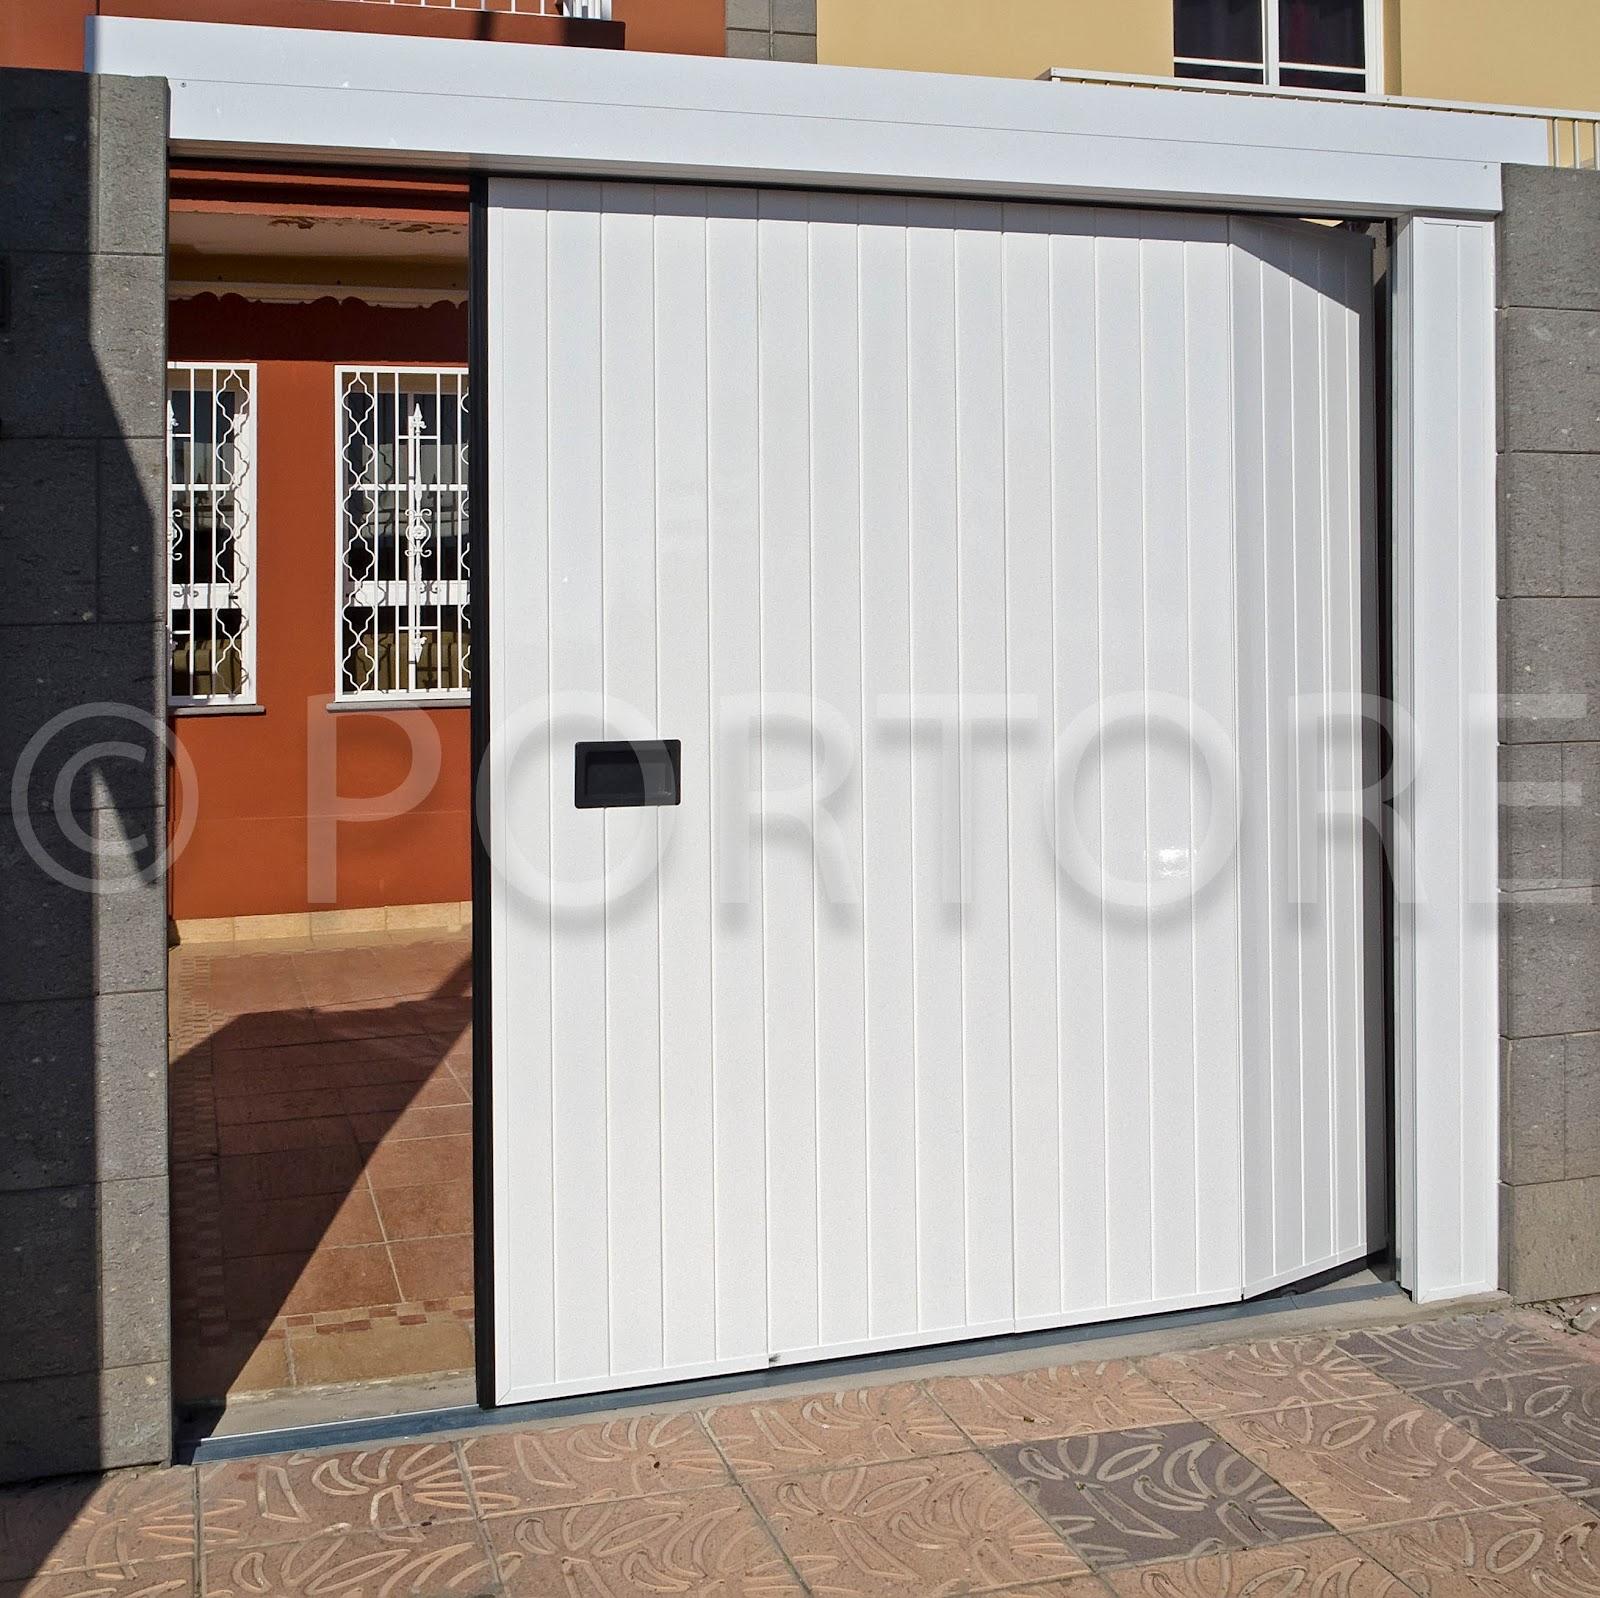 Puertas correderas aluminio precios latest puerta exterior pvc precio excellent puertas - Puertas correderas exteriores precios ...